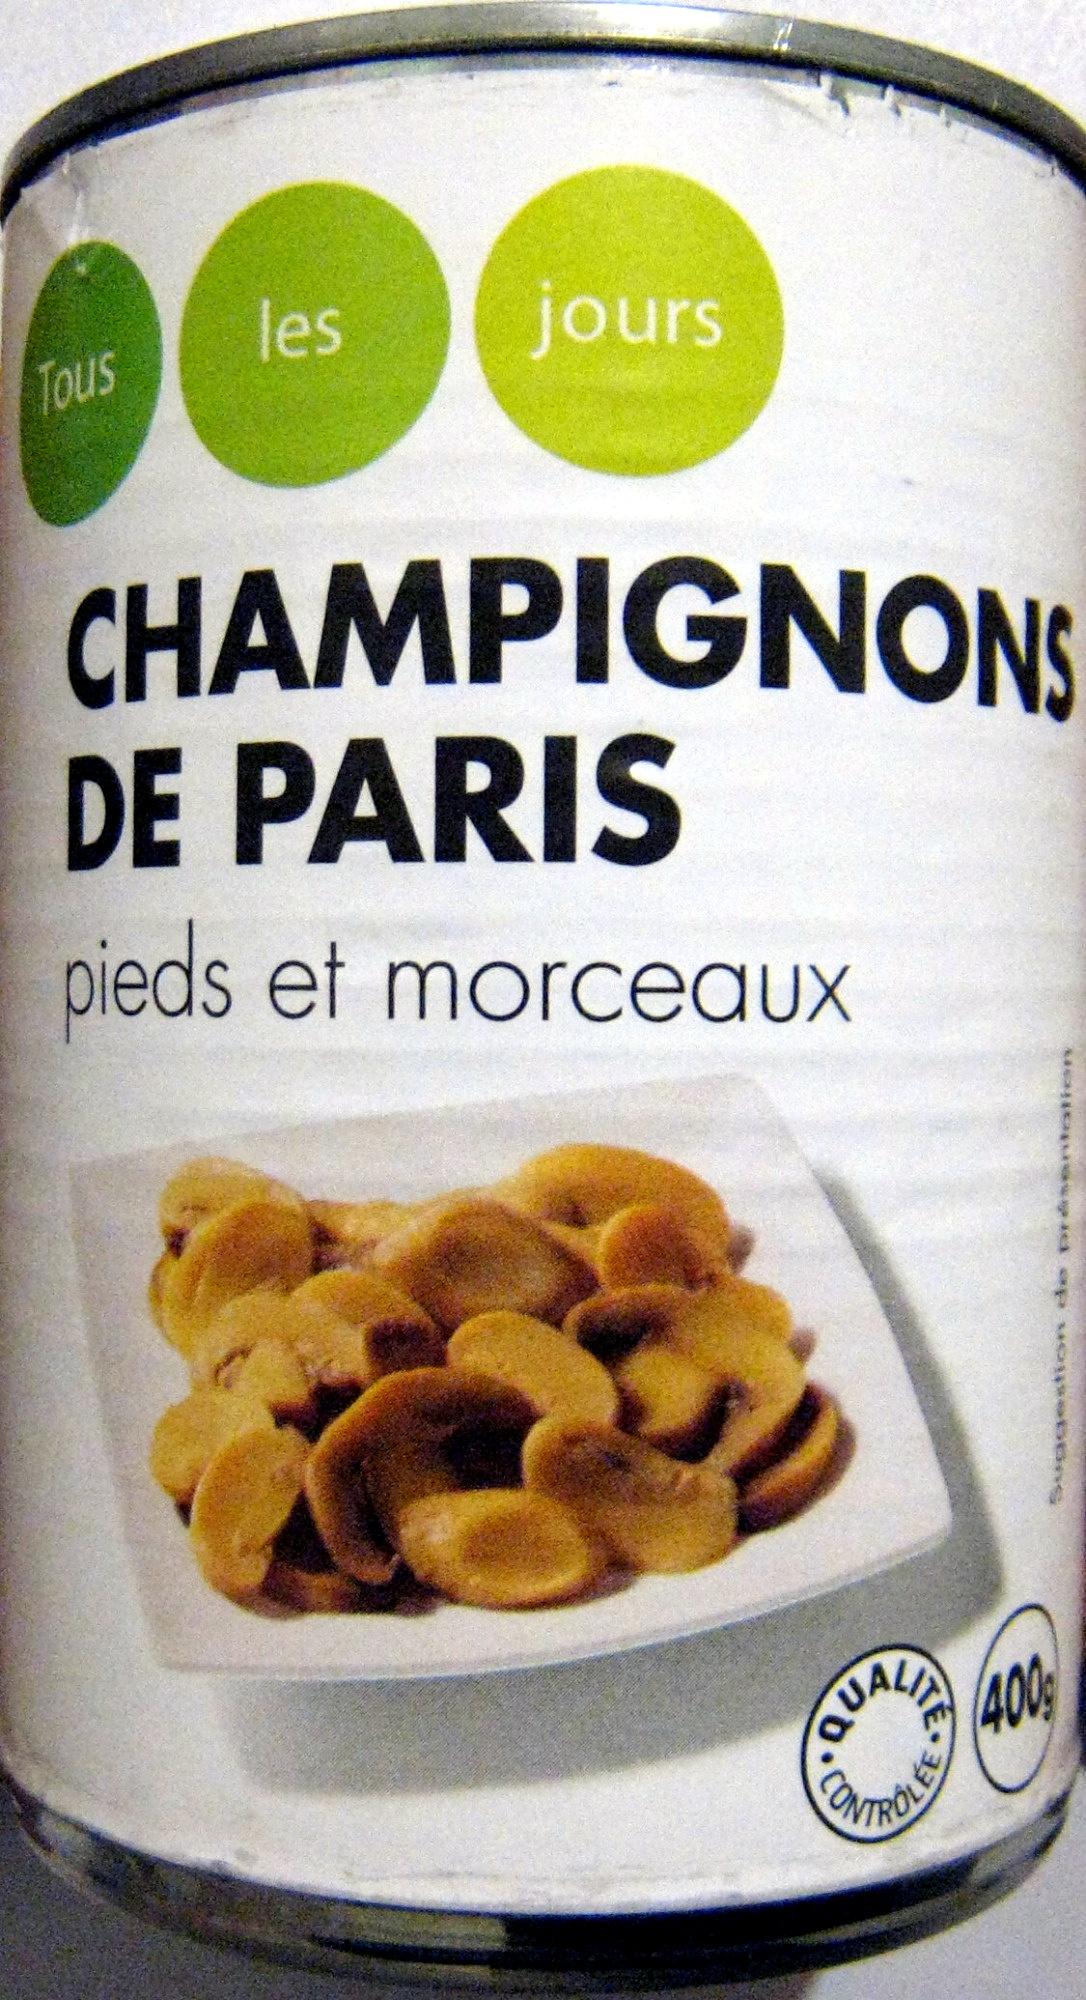 Champignons de Paris Pieds et Morceaux - Product - fr